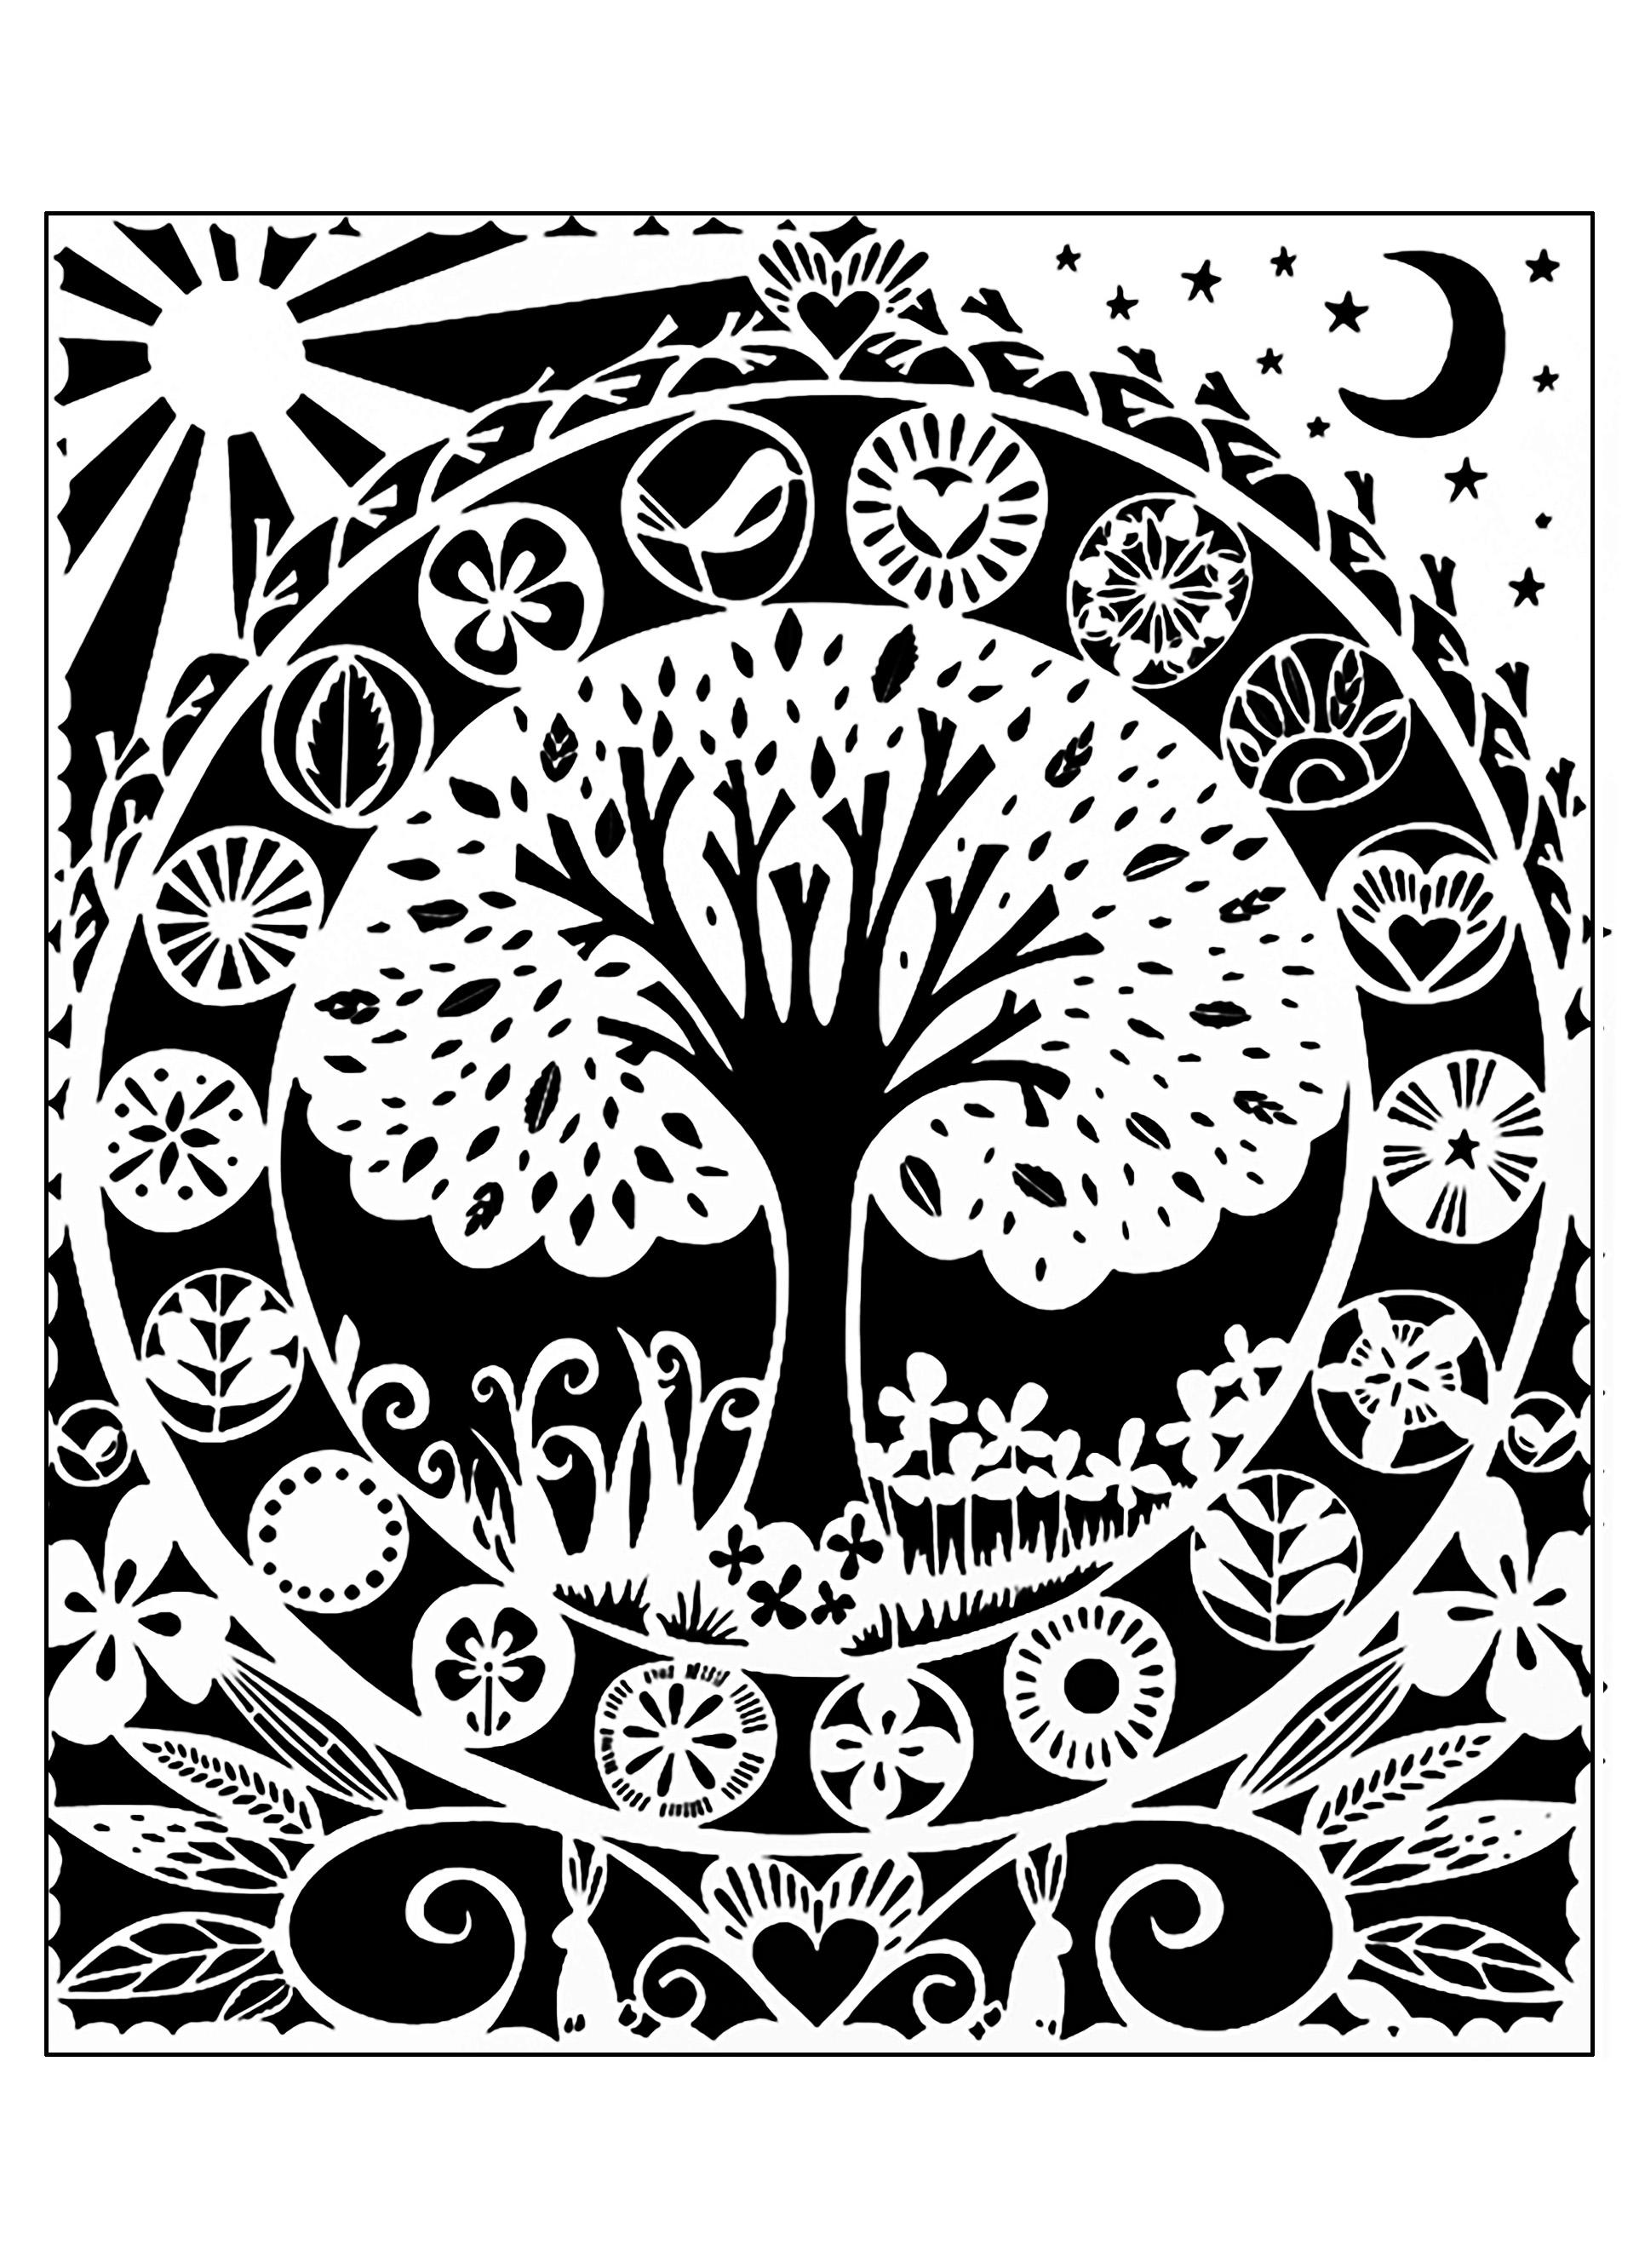 Un magnifique arbre et ses motifs végétaux (version arbre blanc)